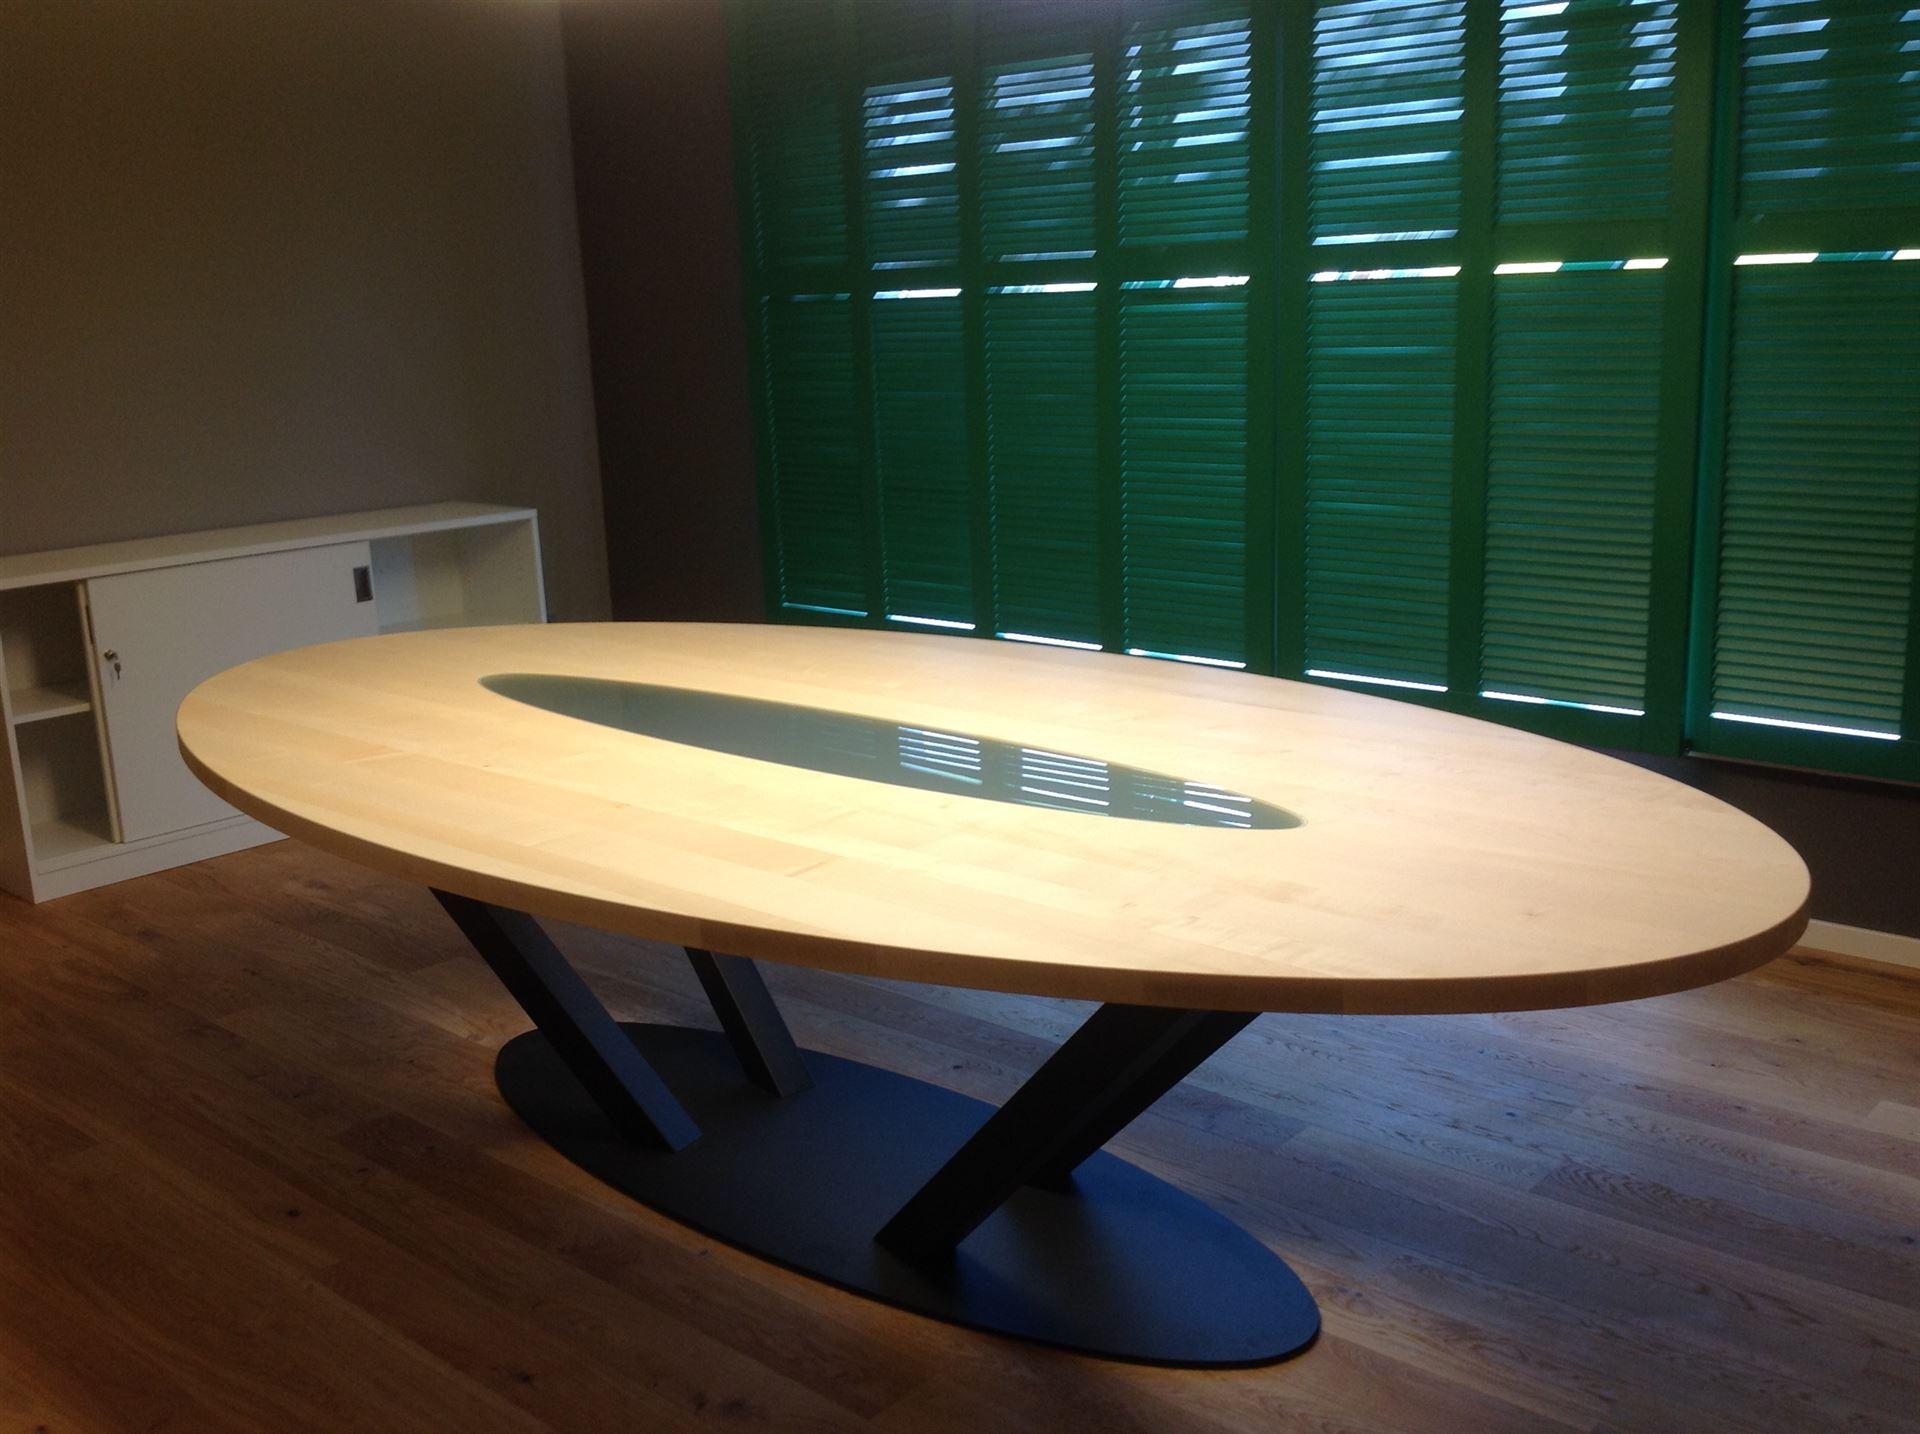 haas mbel tisch amazing ovaler tisch mit glaseinsatz und metall with haas mbel tisch top. Black Bedroom Furniture Sets. Home Design Ideas